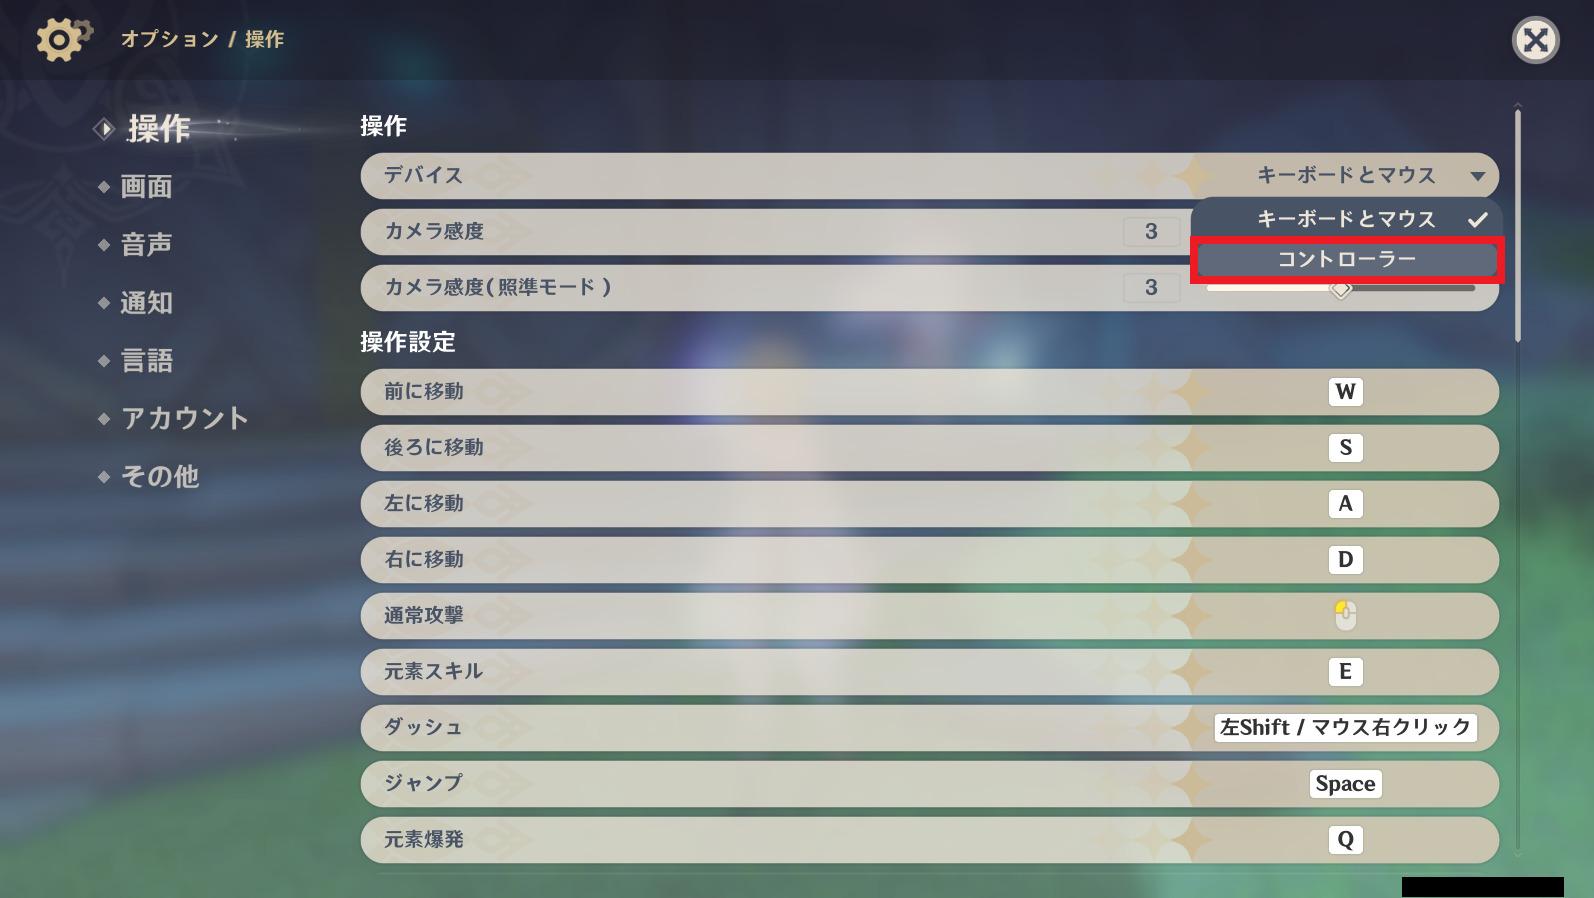 【PC版 原神】コントローラーが認識しないときの対処法 ボタン配置は変更できる?